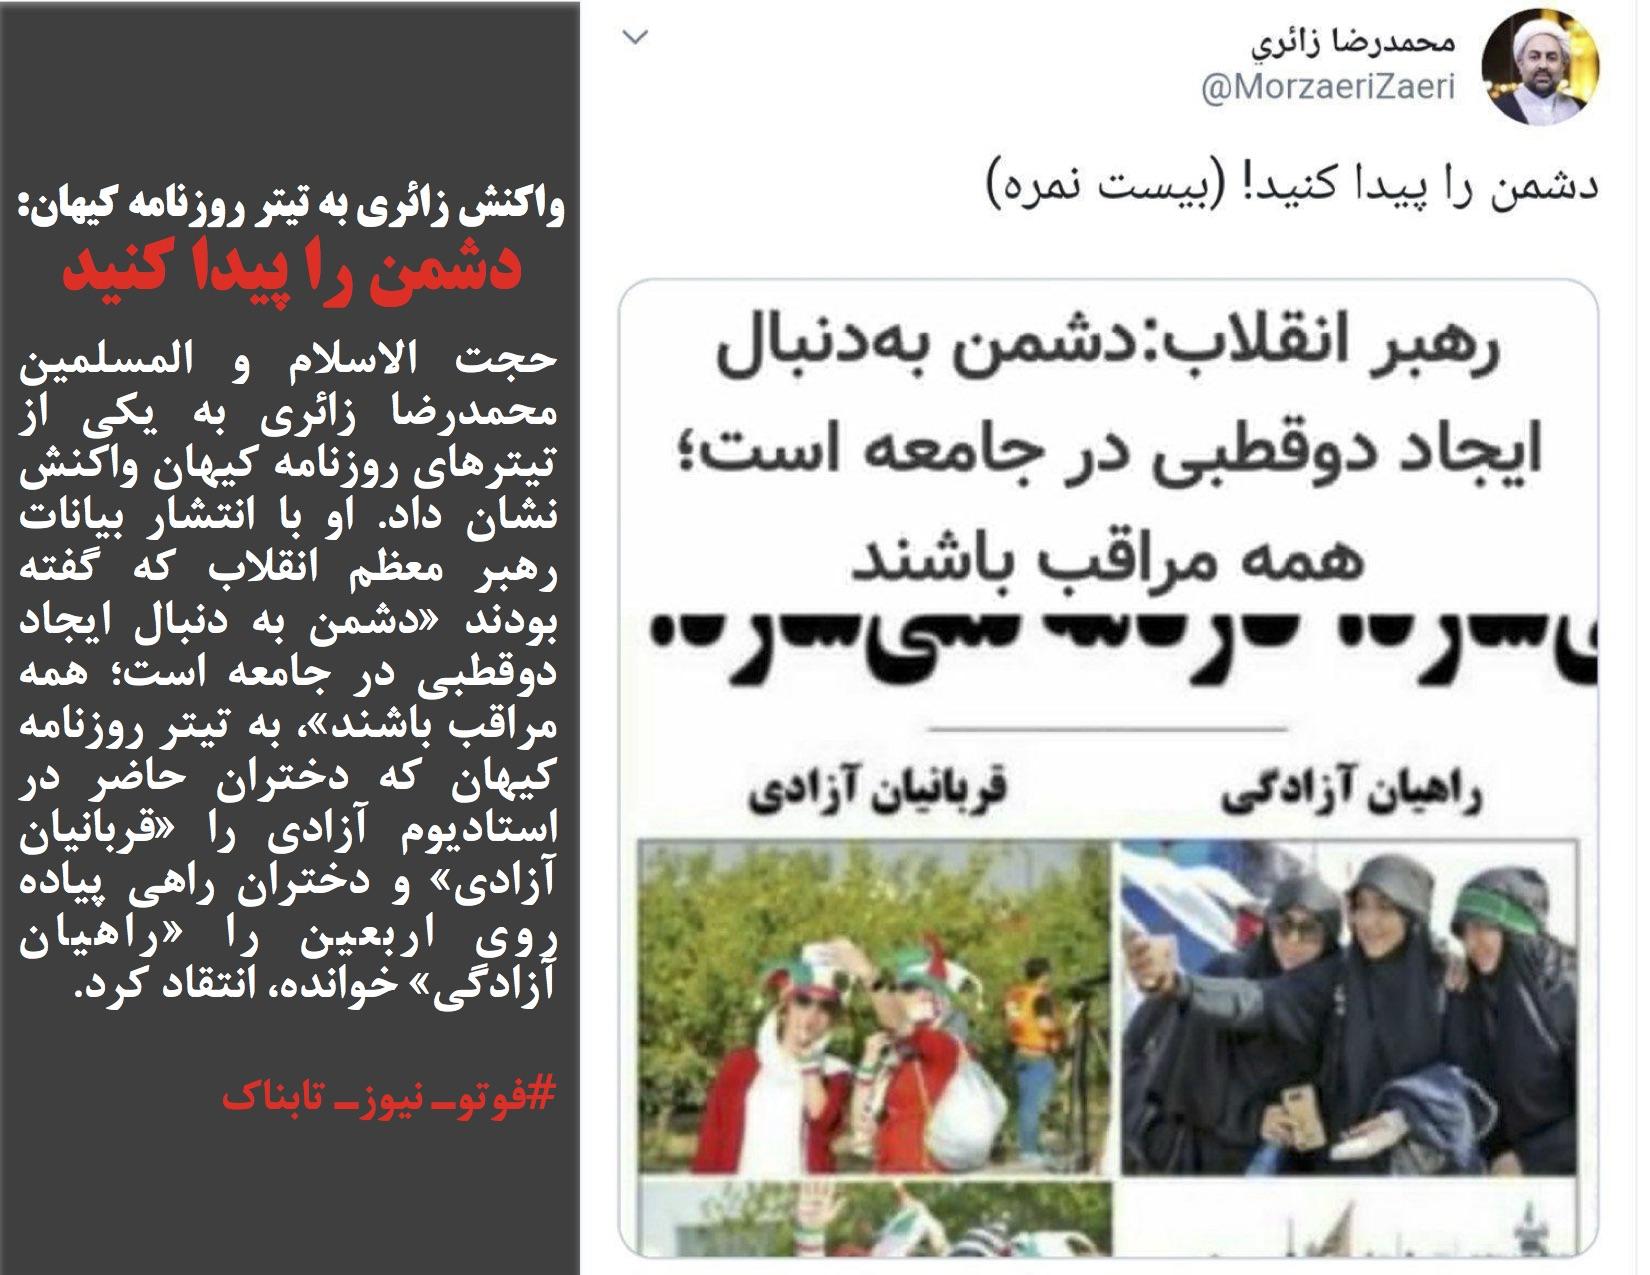 حجت الاسلام و المسلمین محمدرضا زائری به یکی از تیترهای روزنامه کیهان واکنش نشان داد. او با انتشار بیانات رهبر معظم انقلاب که گفته بودند «دشمن به دنبال ایجاد دوقطبی در جامعه است؛ همه مراقب باشند»، به تیتر روزنامه کیهان که دختران حاضر در استادیوم آزادی را «قربانیان آزادی» و دختران راهی پیاده روی اربعین را «راهیان آزادگی» خوانده، انتقاد کرد.